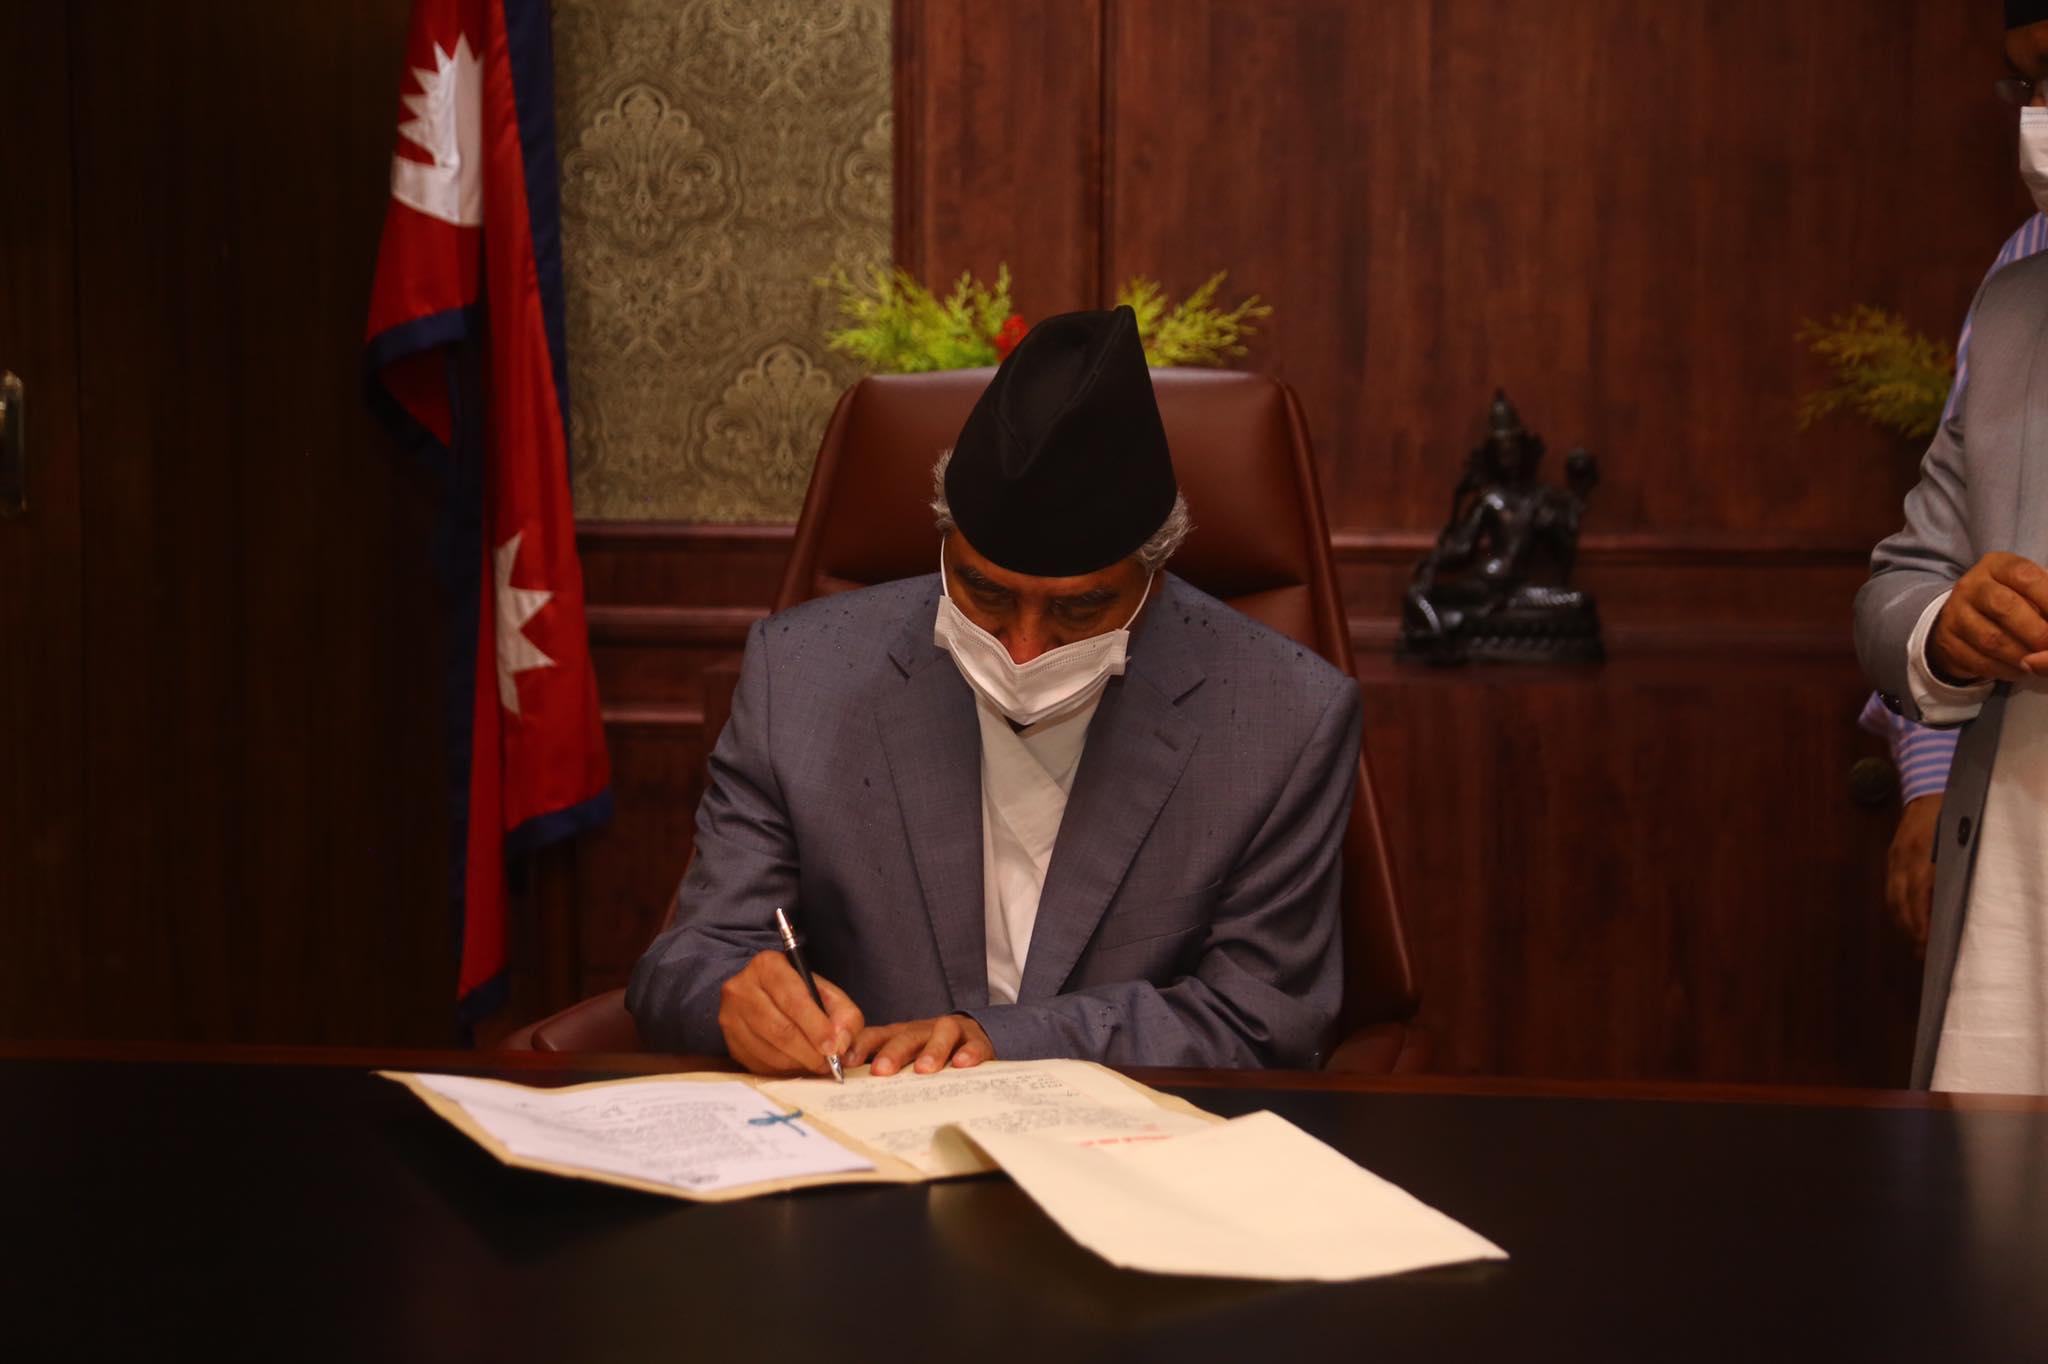 प्रधानमन्त्री देउवाद्वारा पदभार ग्रहण (तस्वीरहरु)